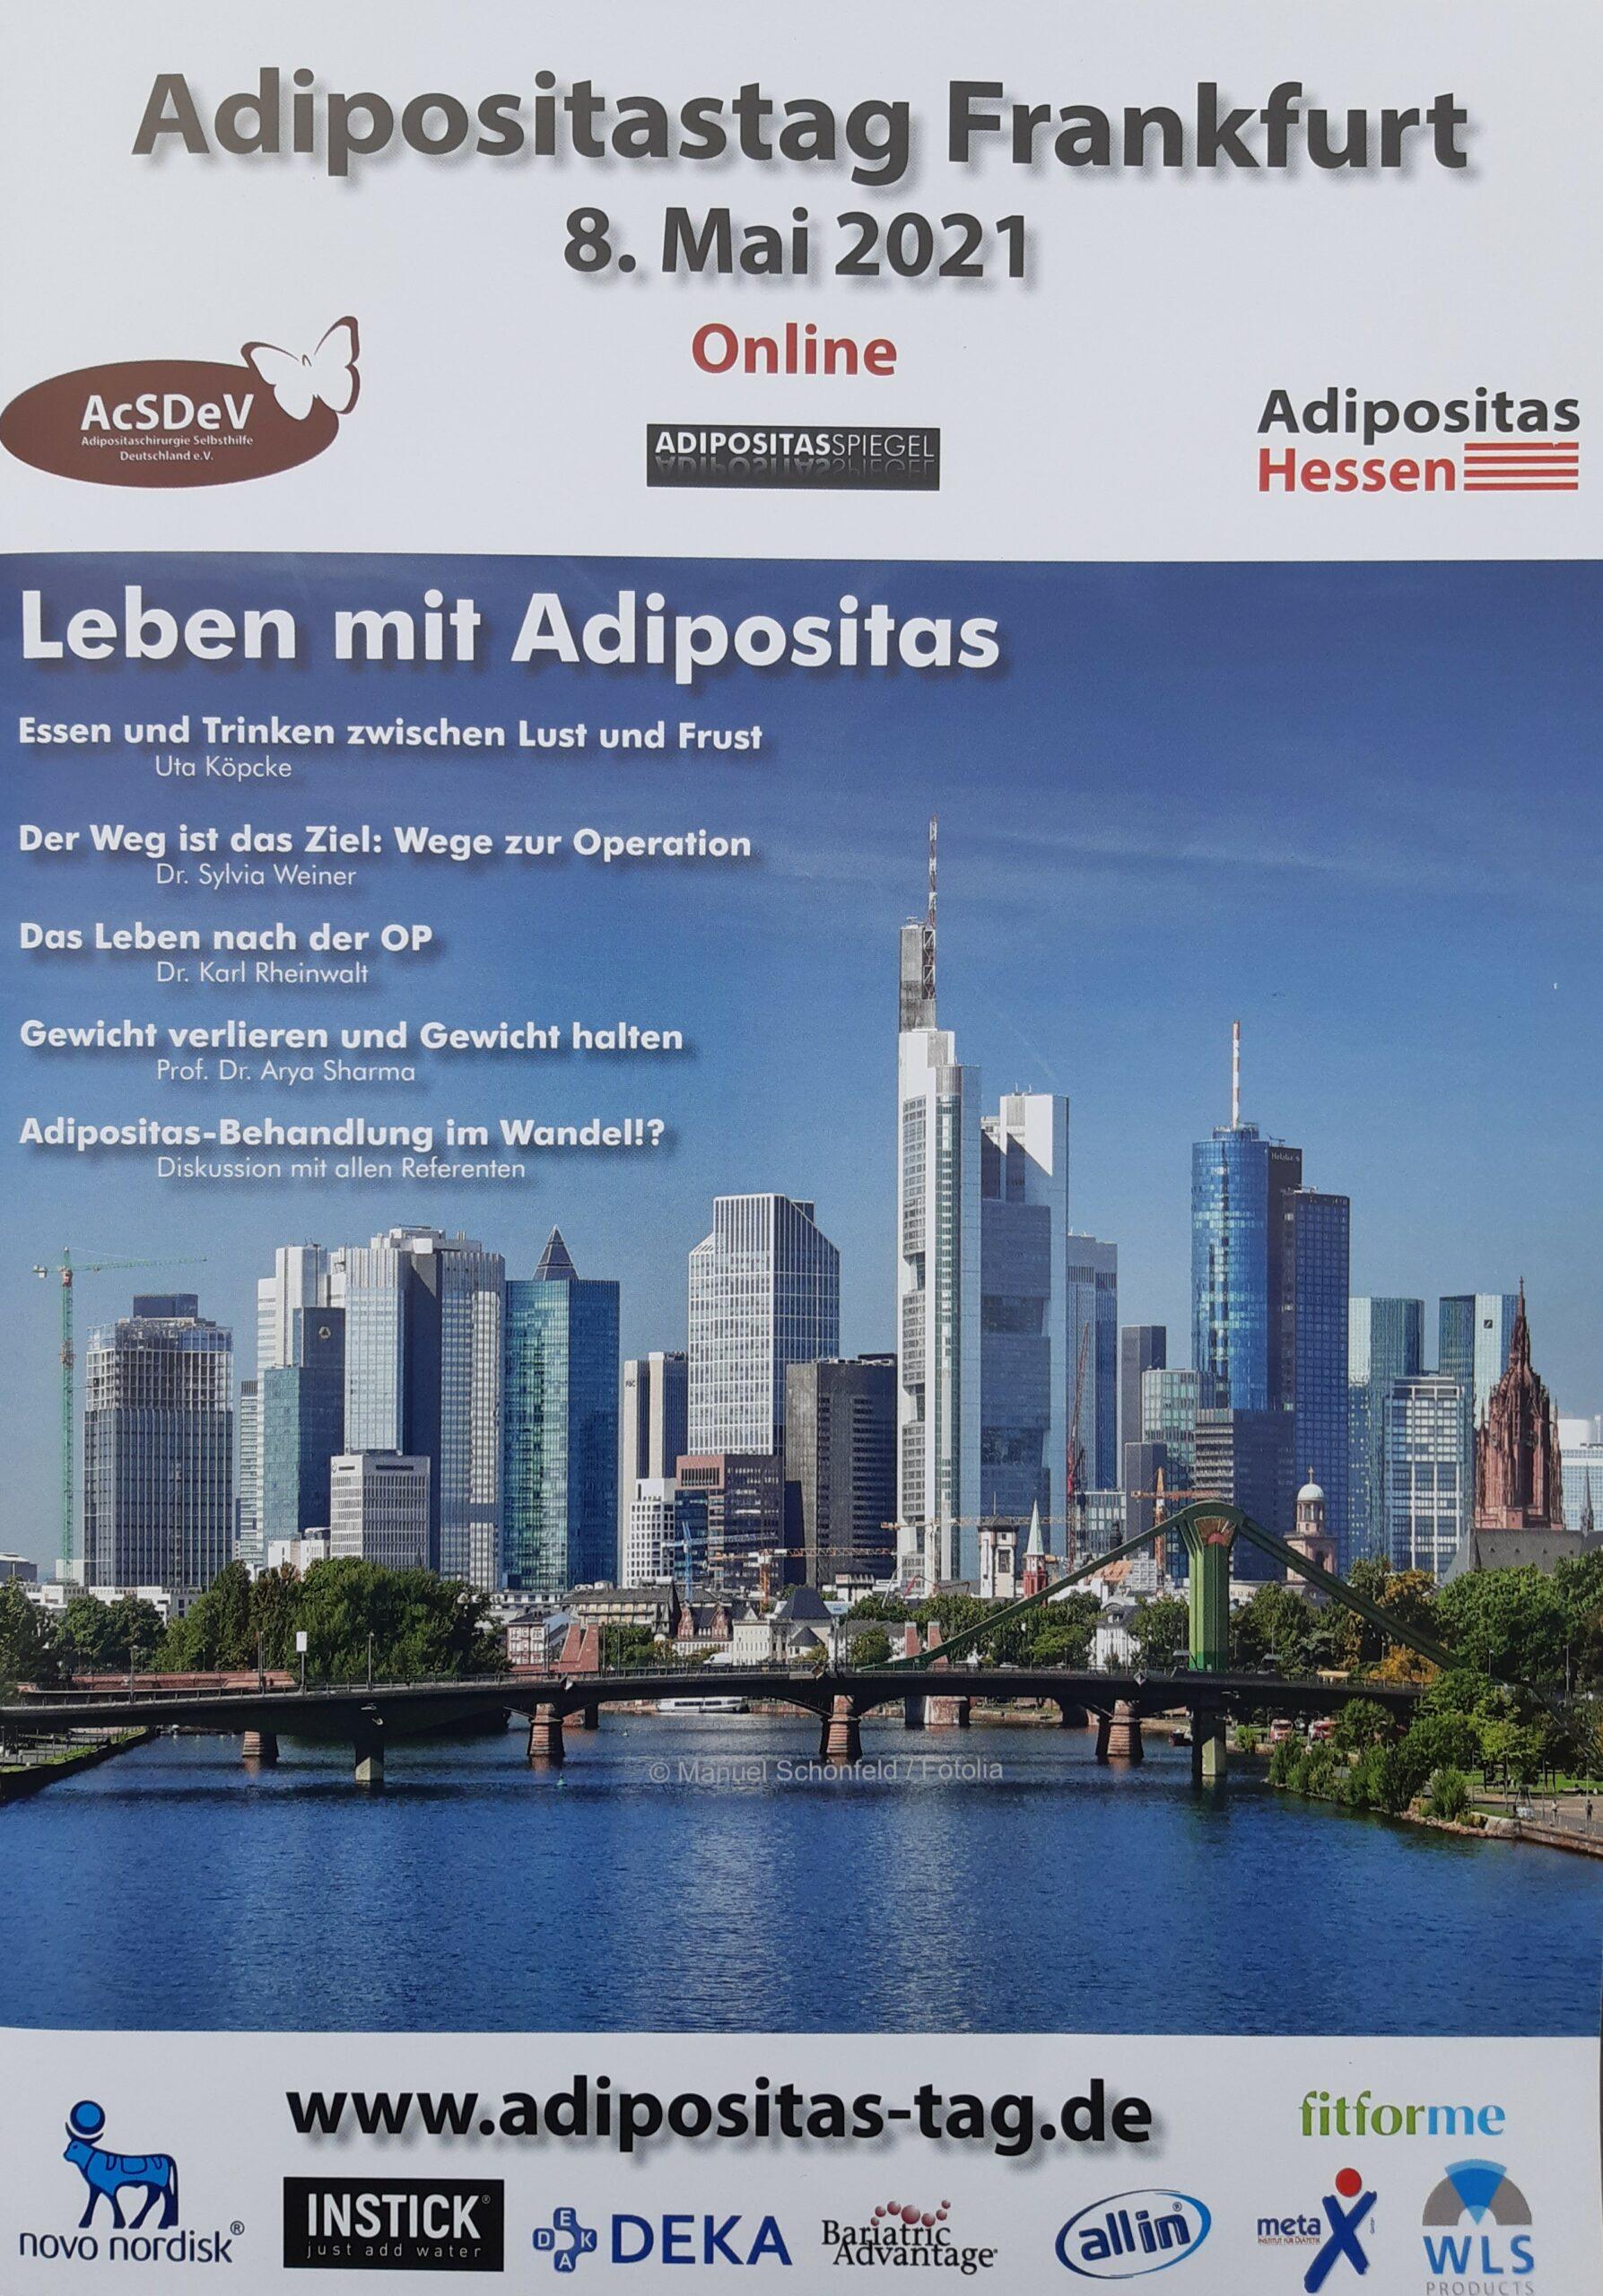 Foto Adipositastag Frankfurt am 08.05.2021, die Skyline von Frankfurt und die Titel der Vorträge sind zu sehen.